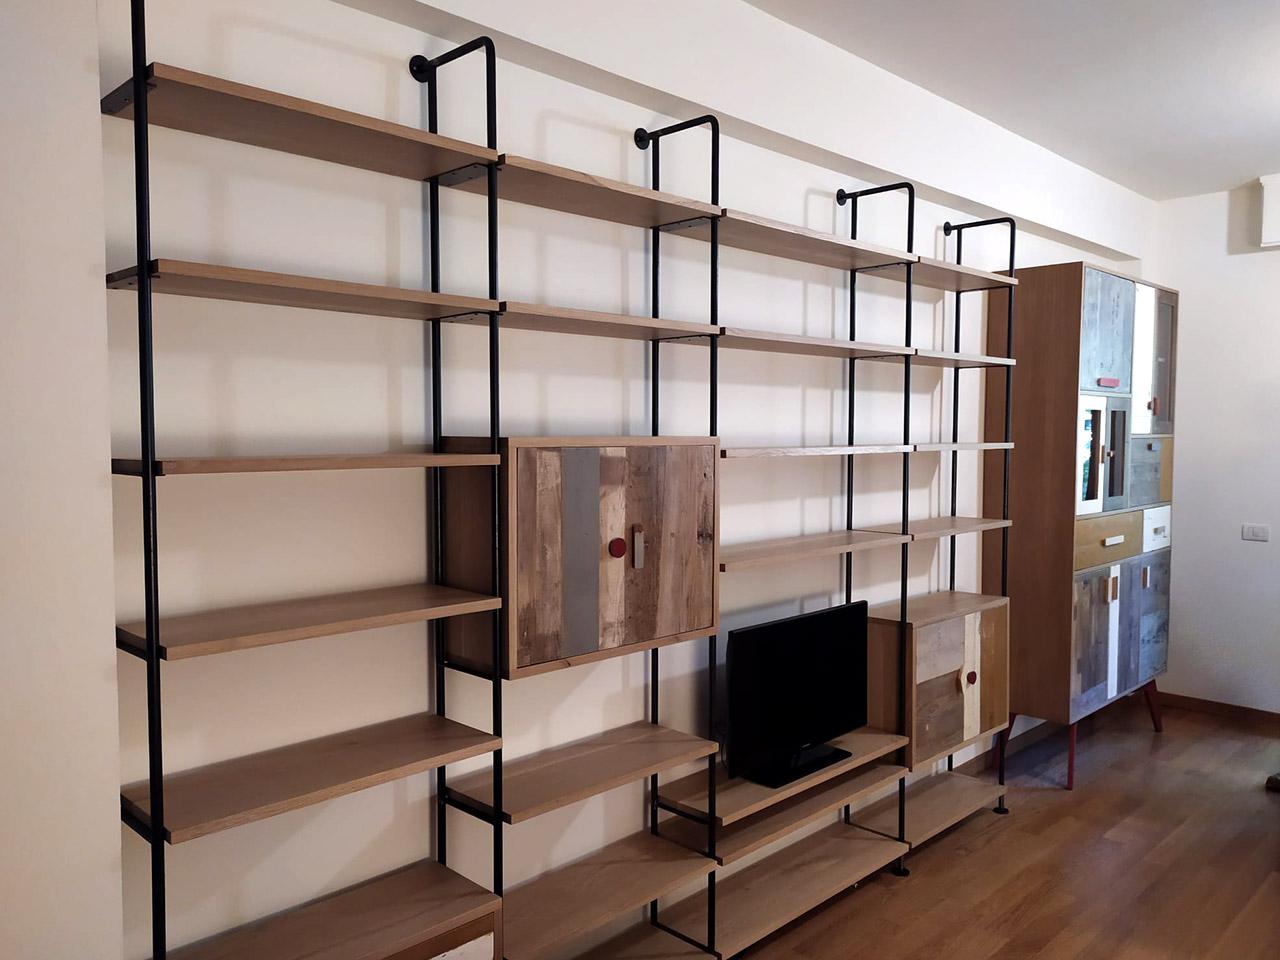 libreria in legno e ferro